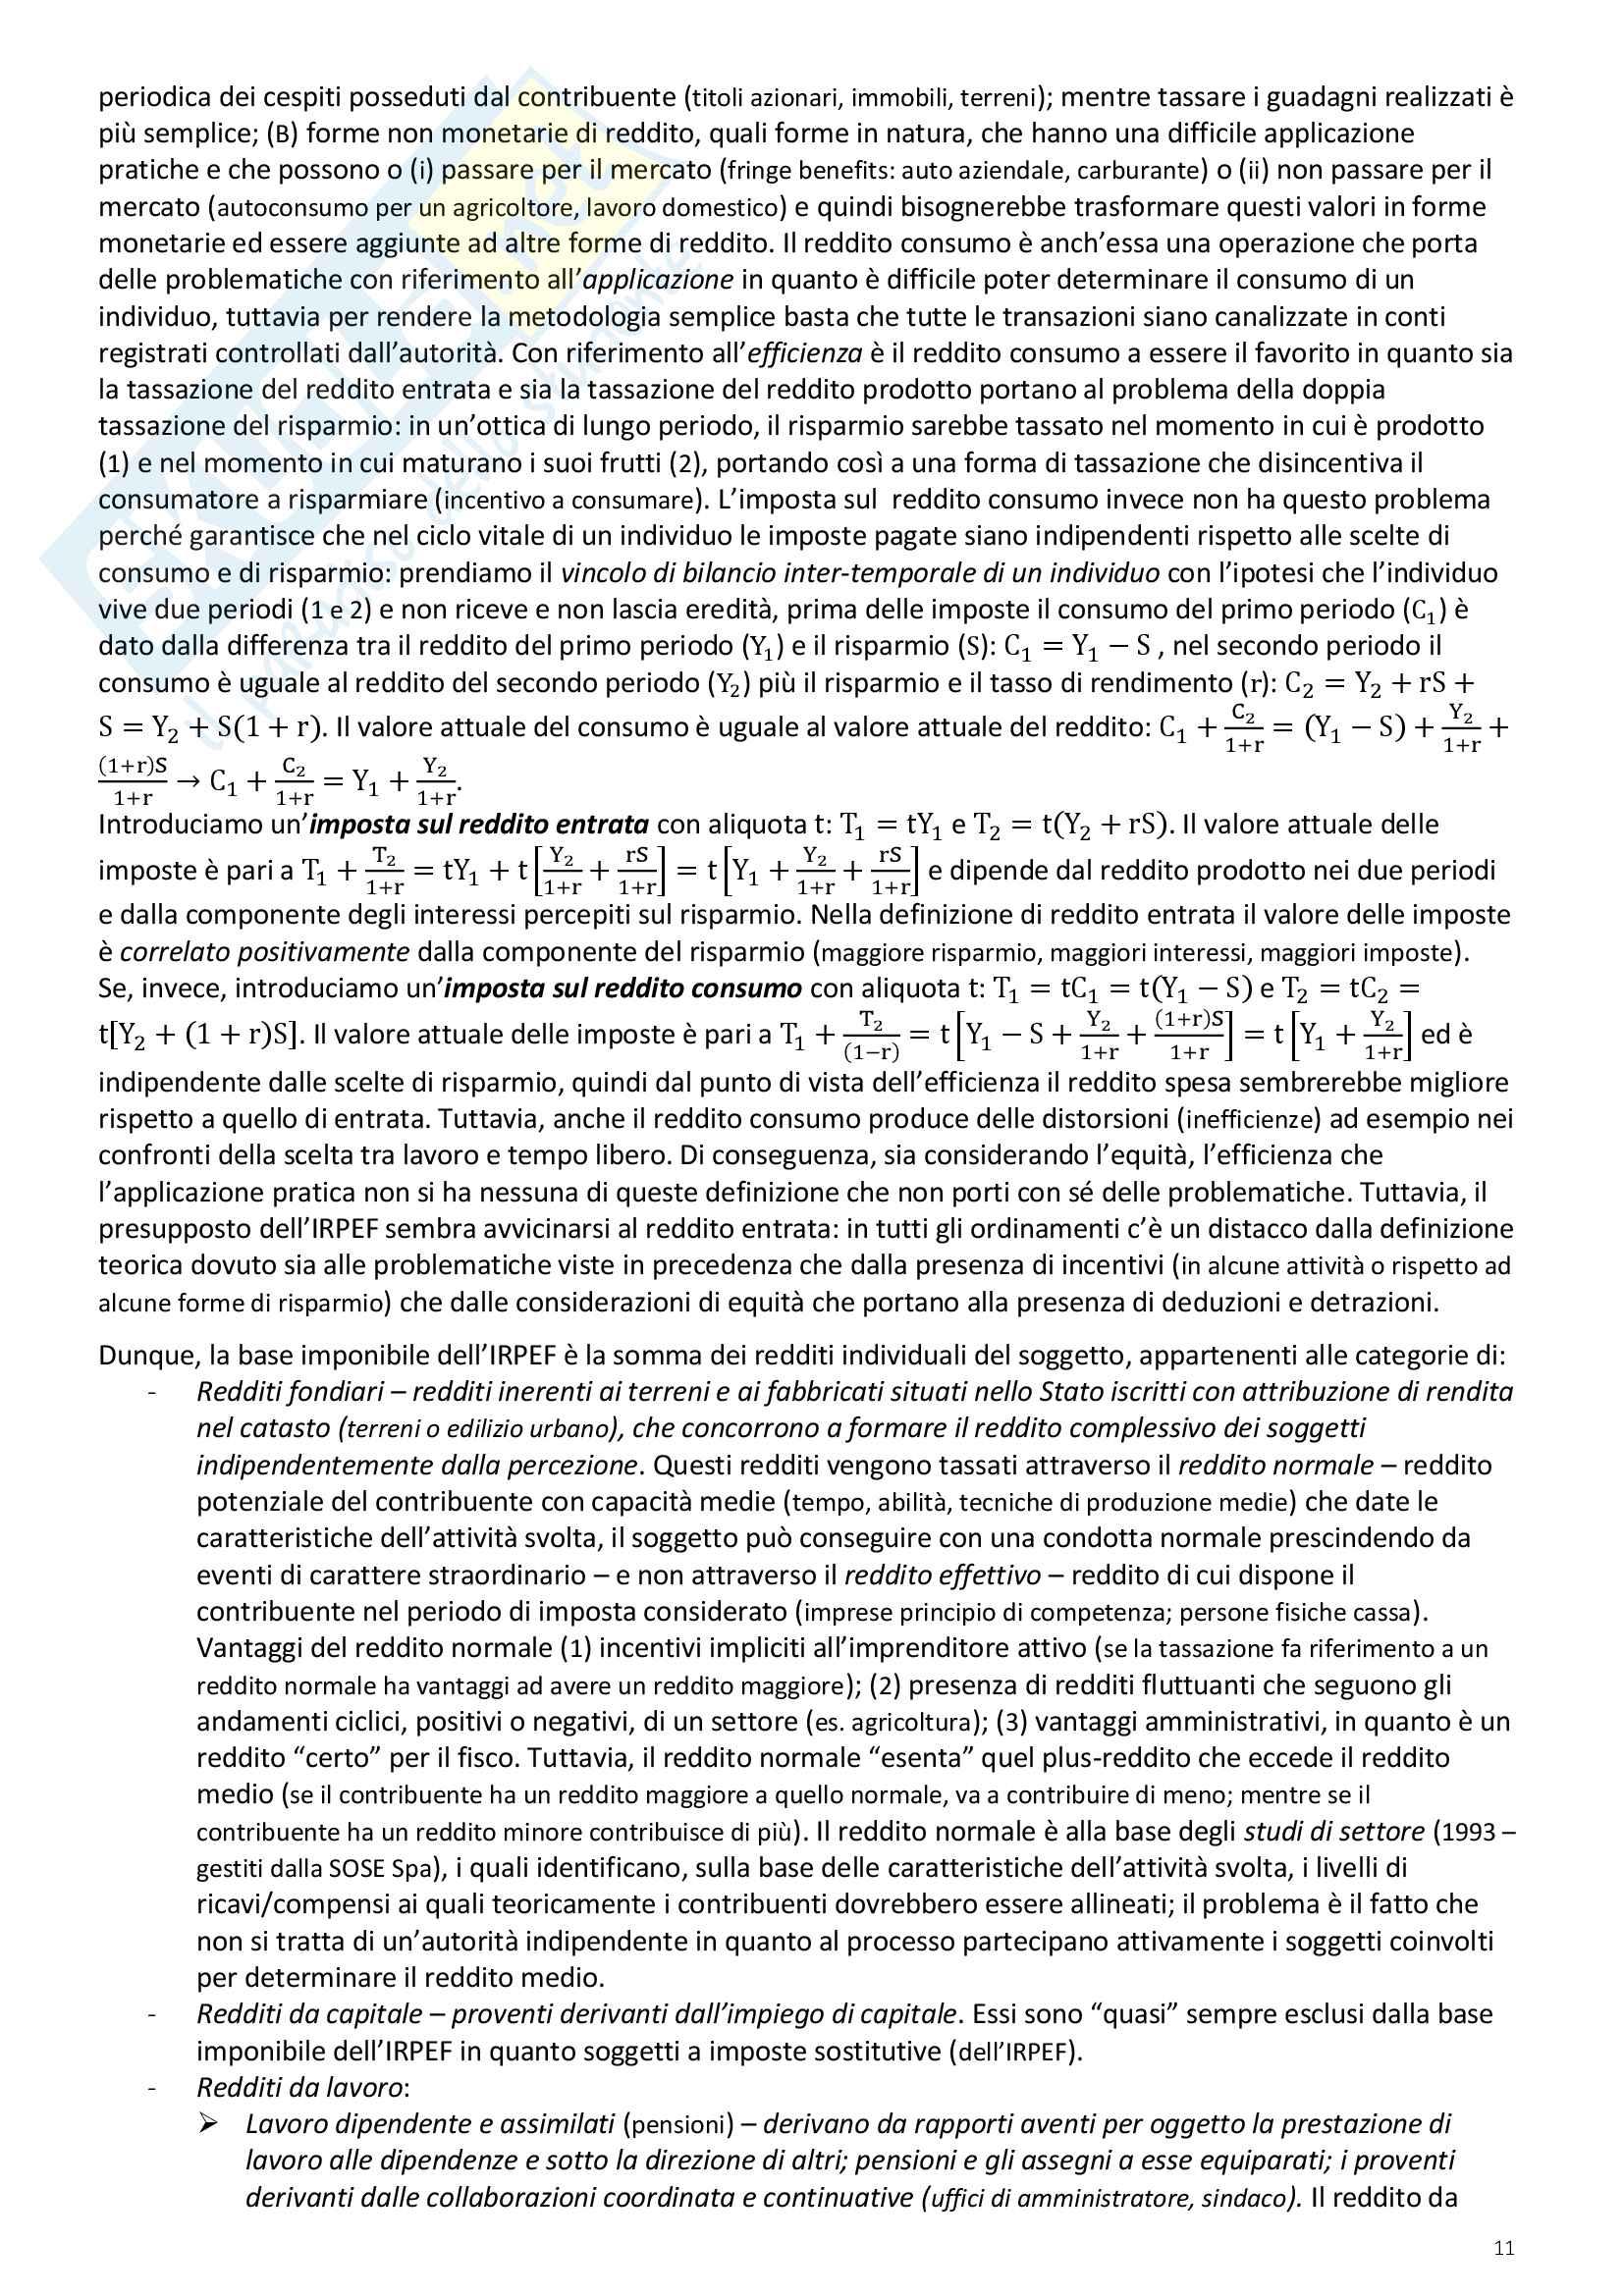 """Riassunto esame Scienze delle Finanze, prof. Ambrosanio, libro consigliato """"Elementi di Scienza delle finanze"""" di Artoni Pag. 11"""